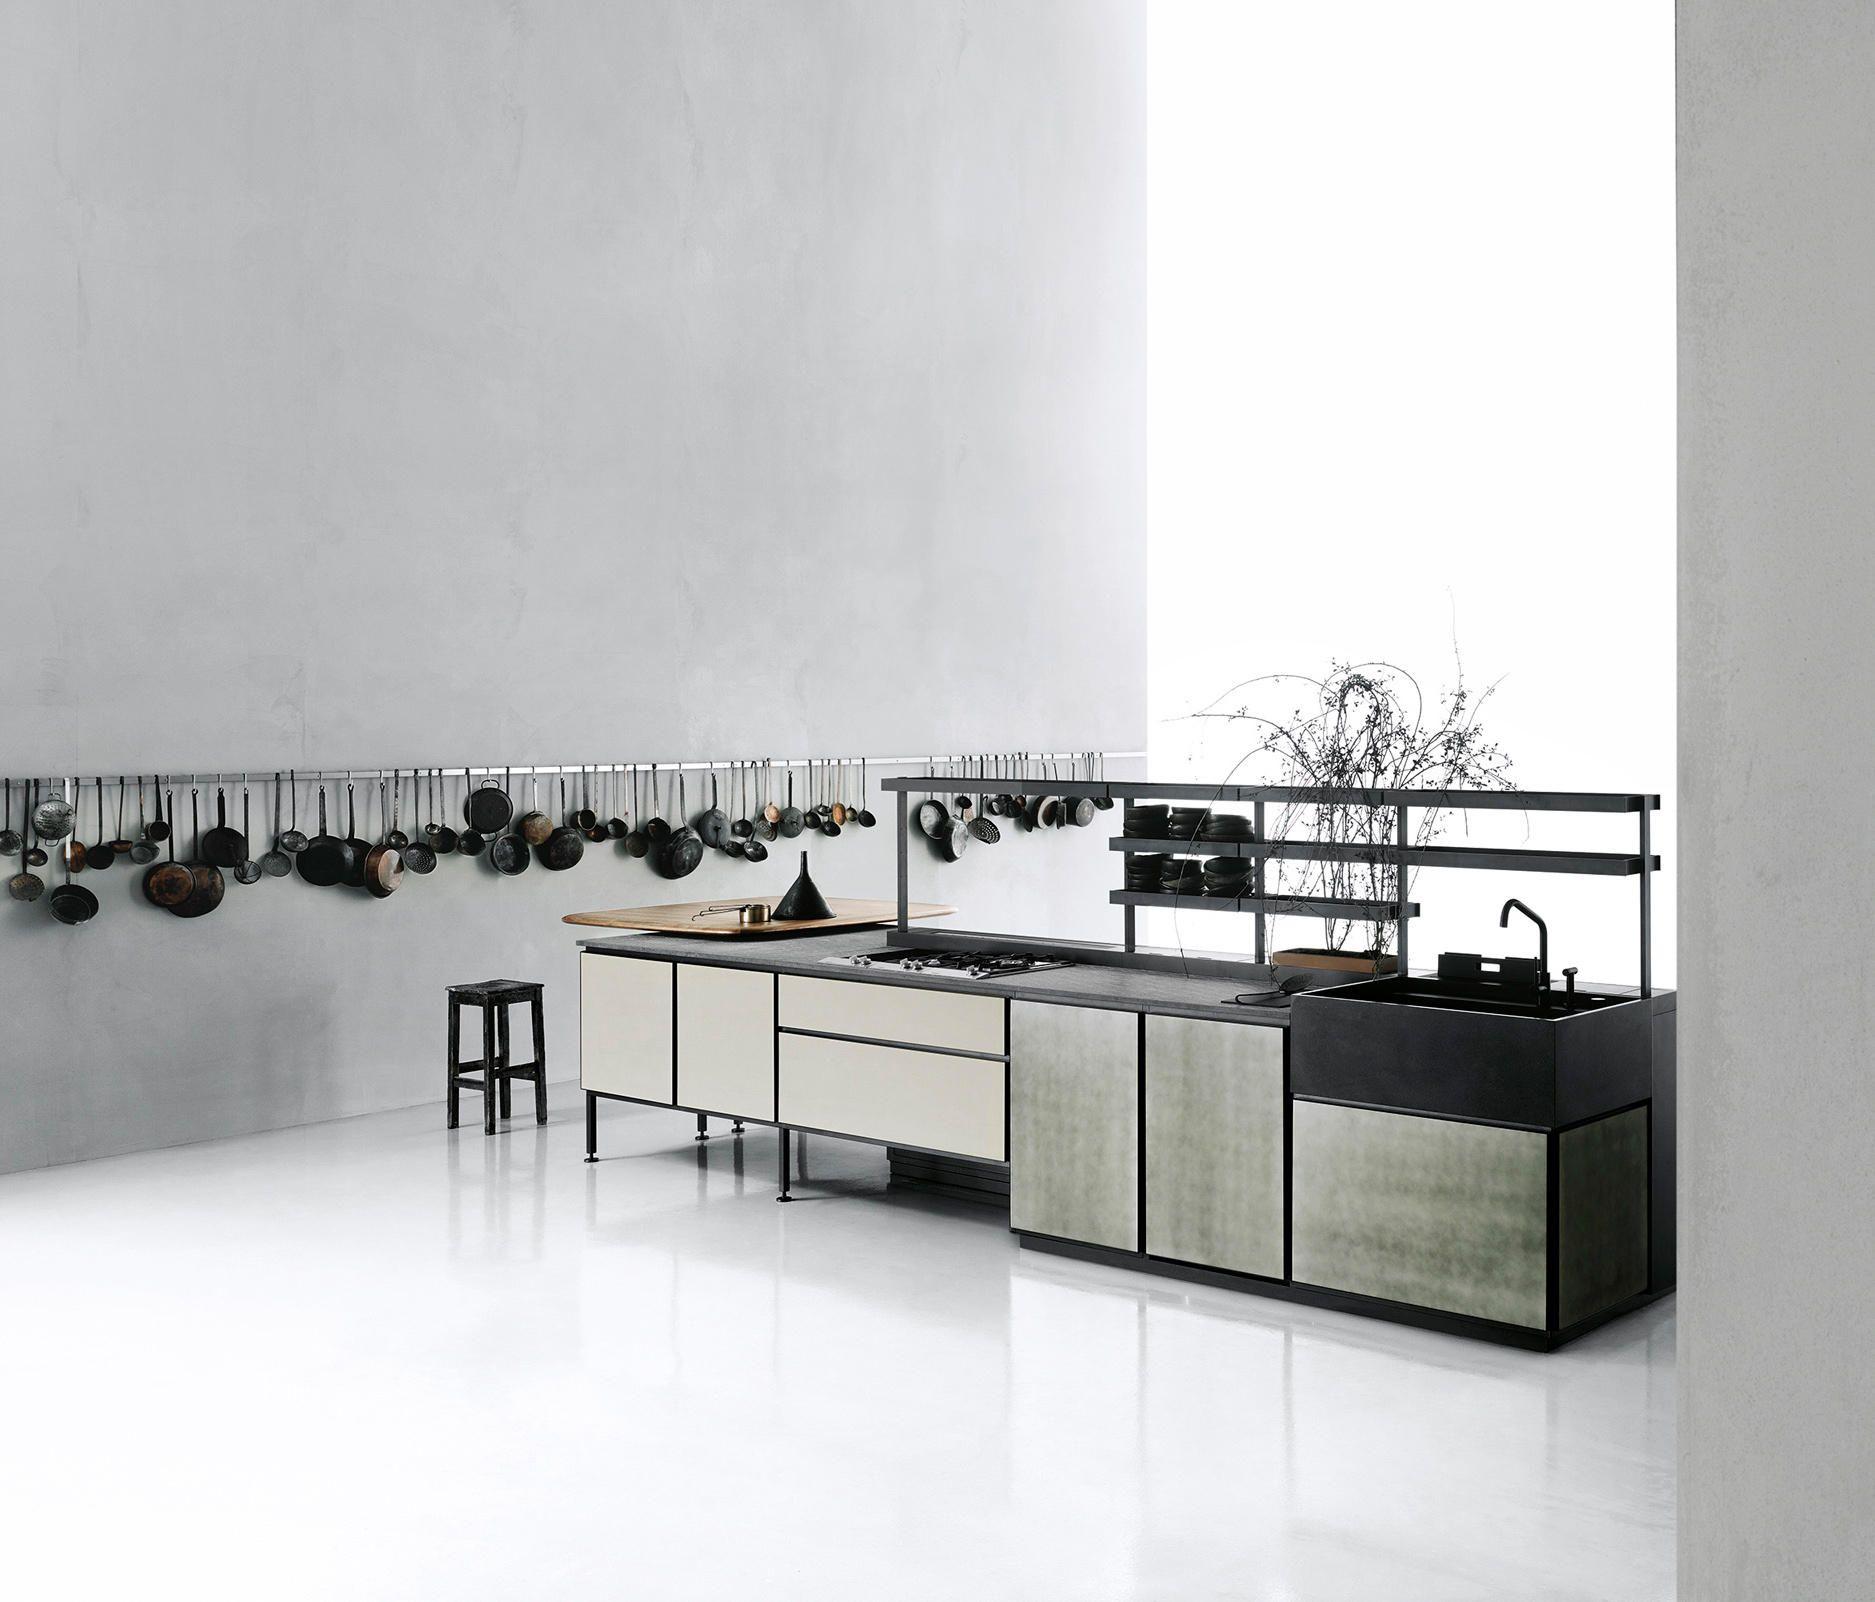 Kücheninseln | zanzibor.com